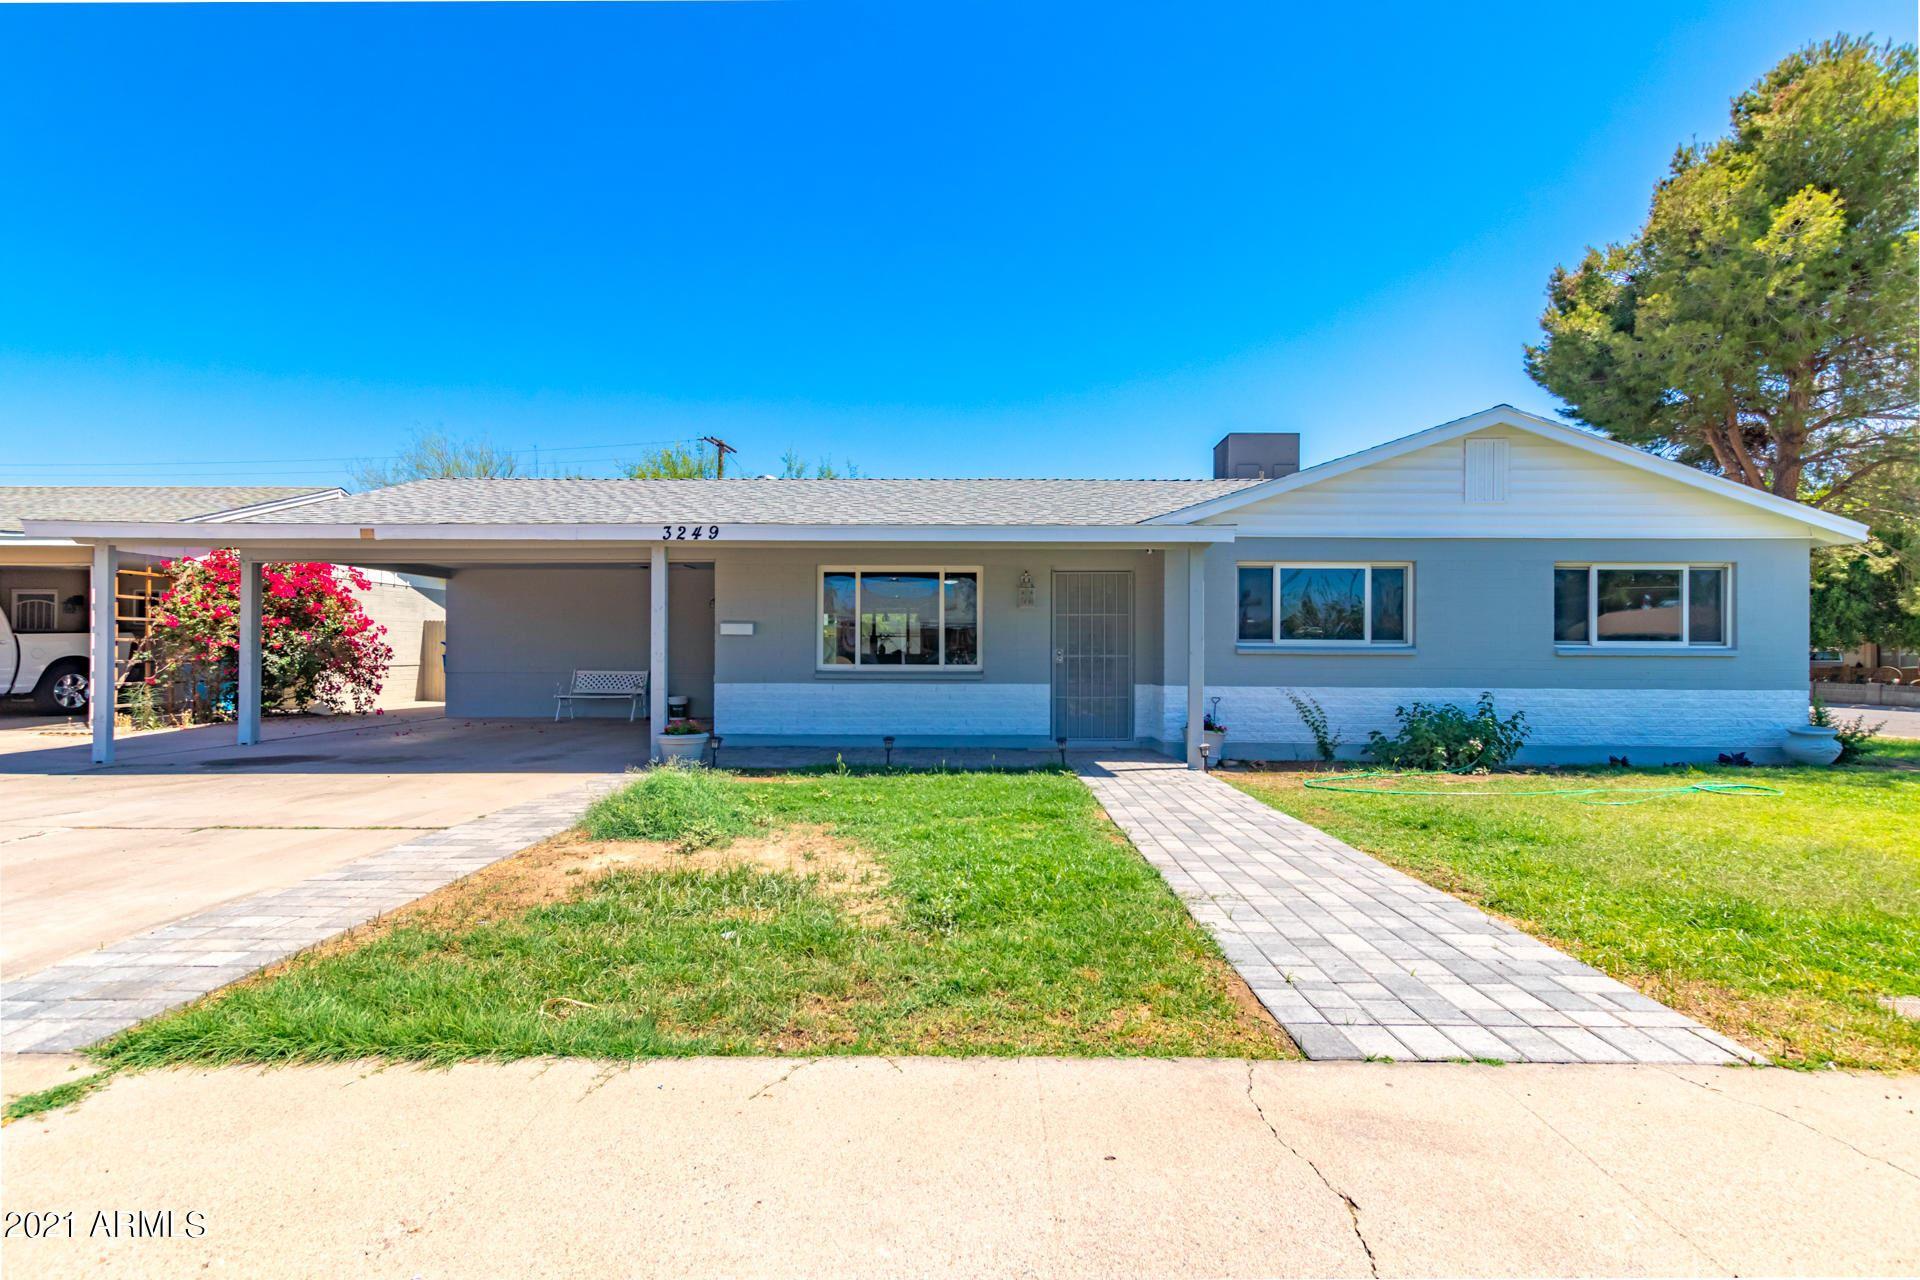 3249 W Wethersfield Road, Phoenix, AZ 85029 - MLS#: 6243736